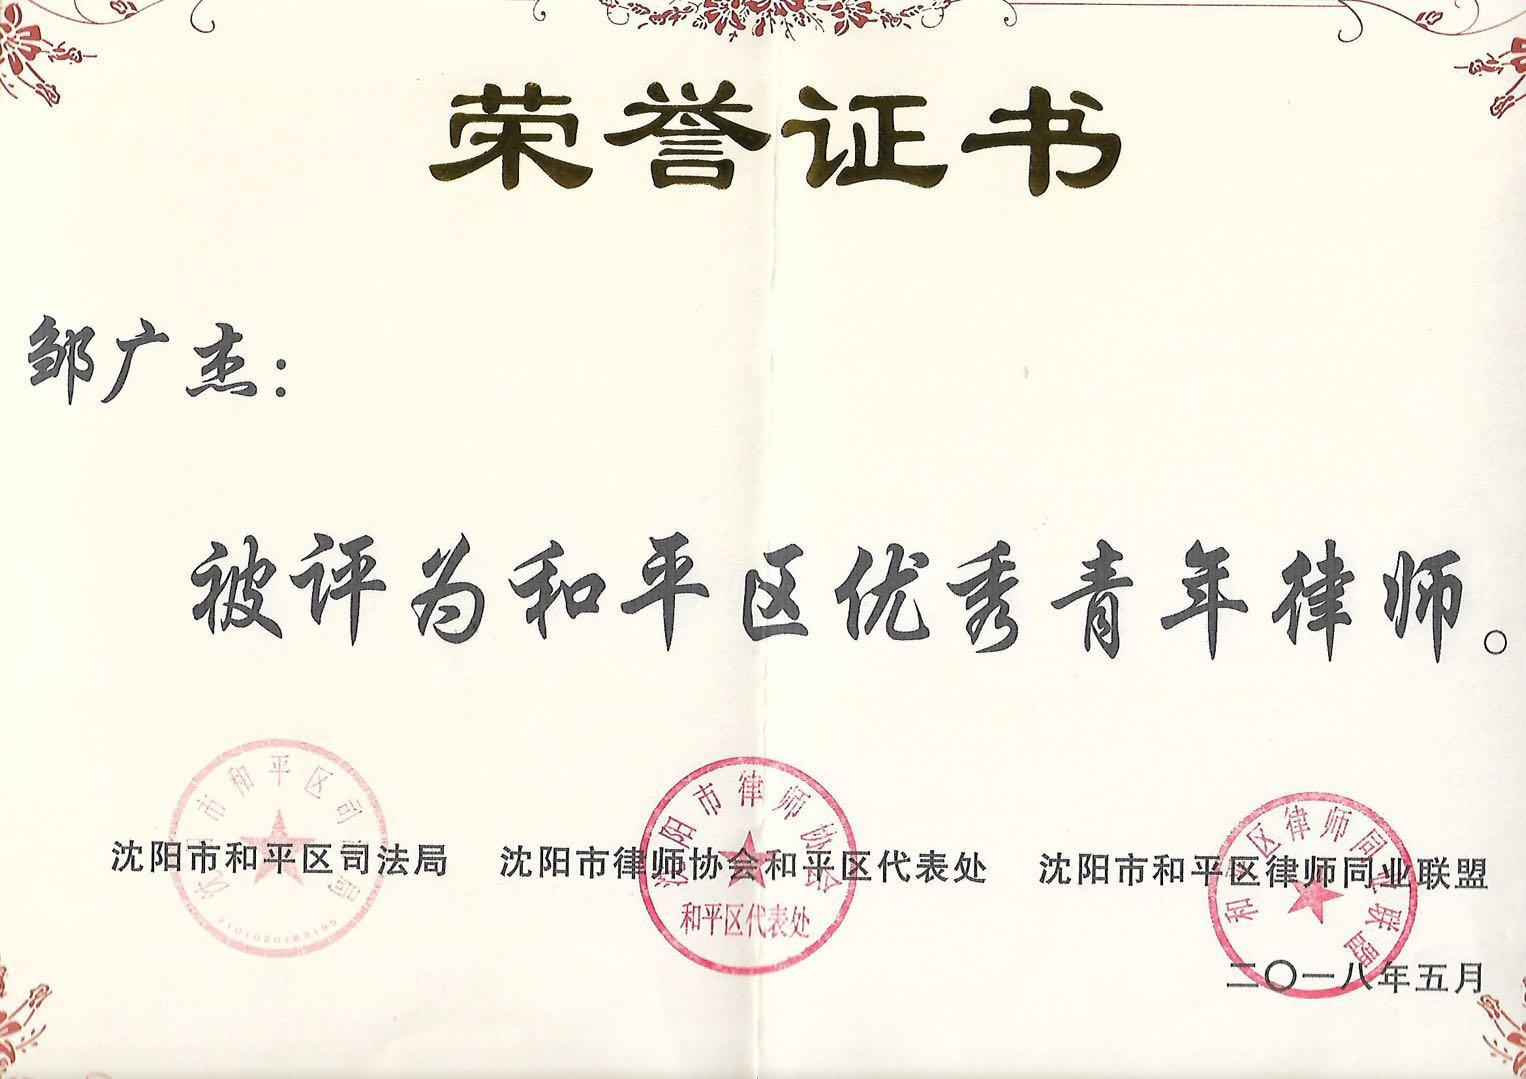 沈阳市和平区优秀青年律师荣誉证书